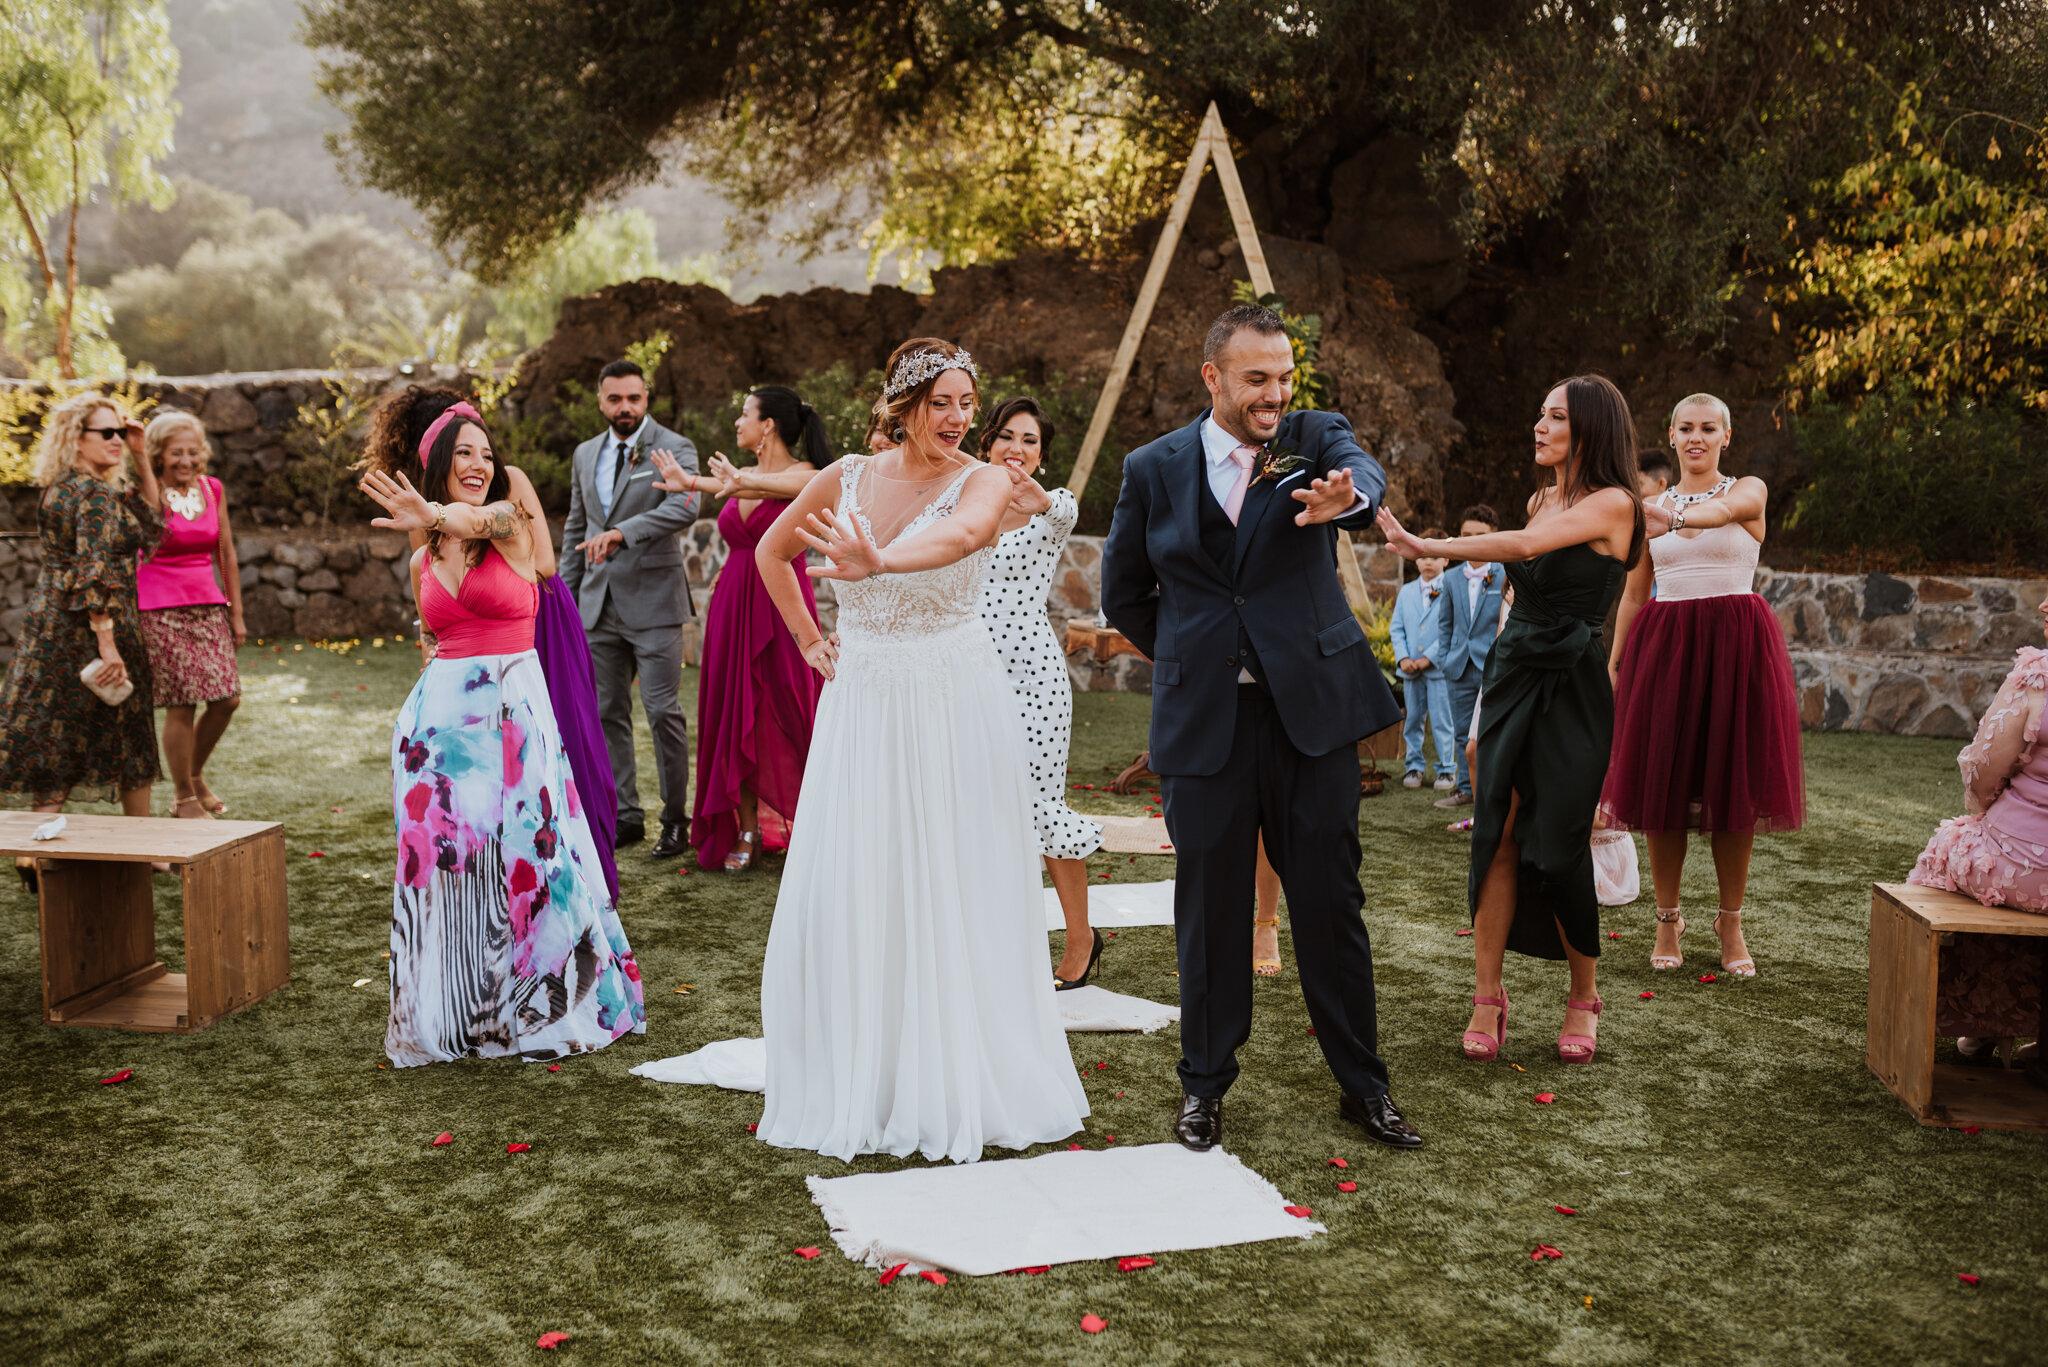 fotografo de bodas las palmas_-77.jpg